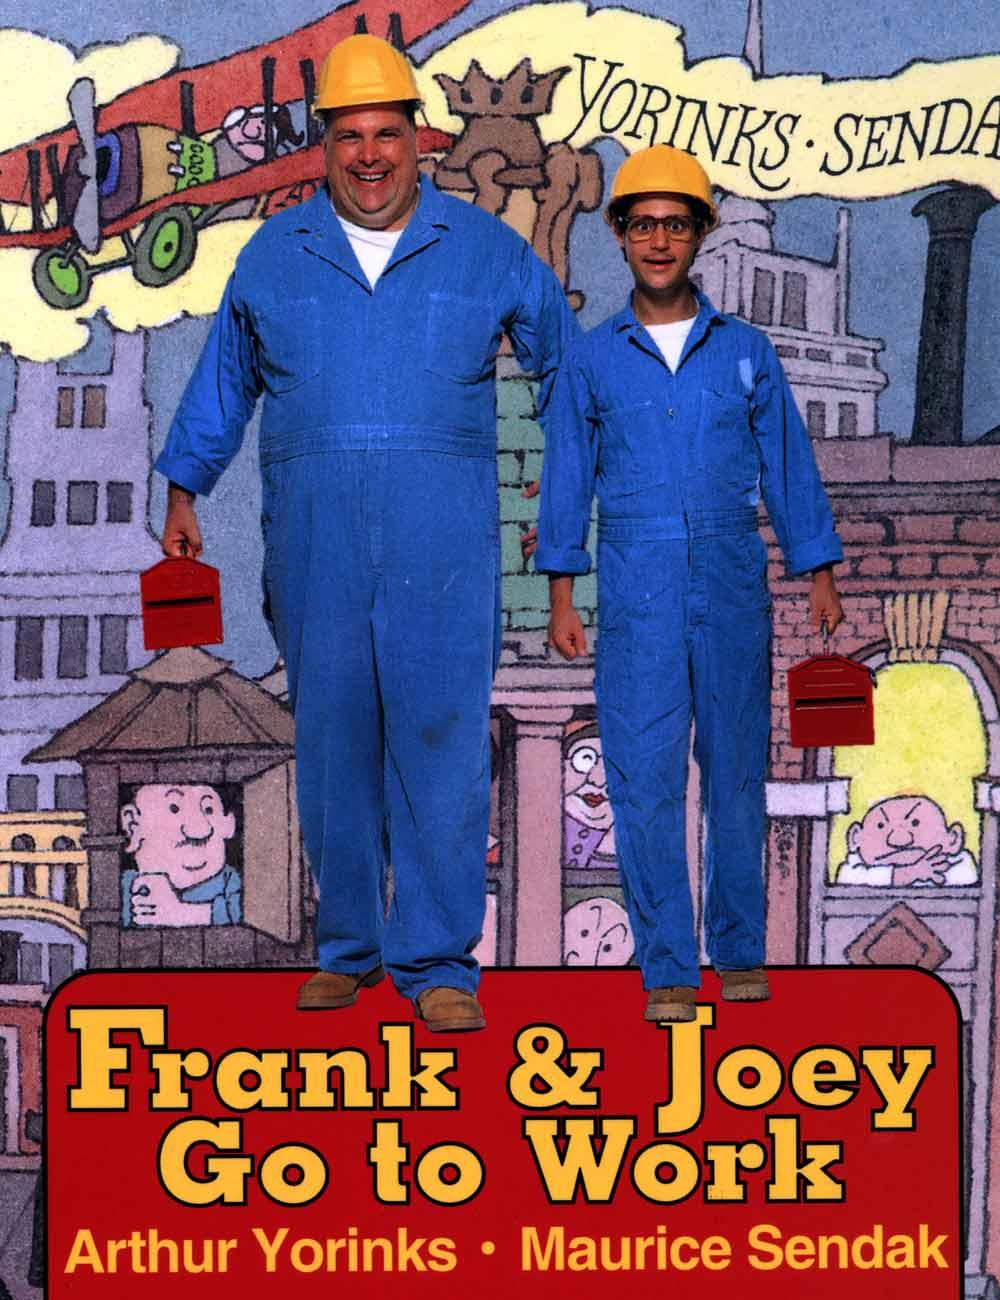 1996_yorinks_portrait_frank&joey_gotowork.jpg